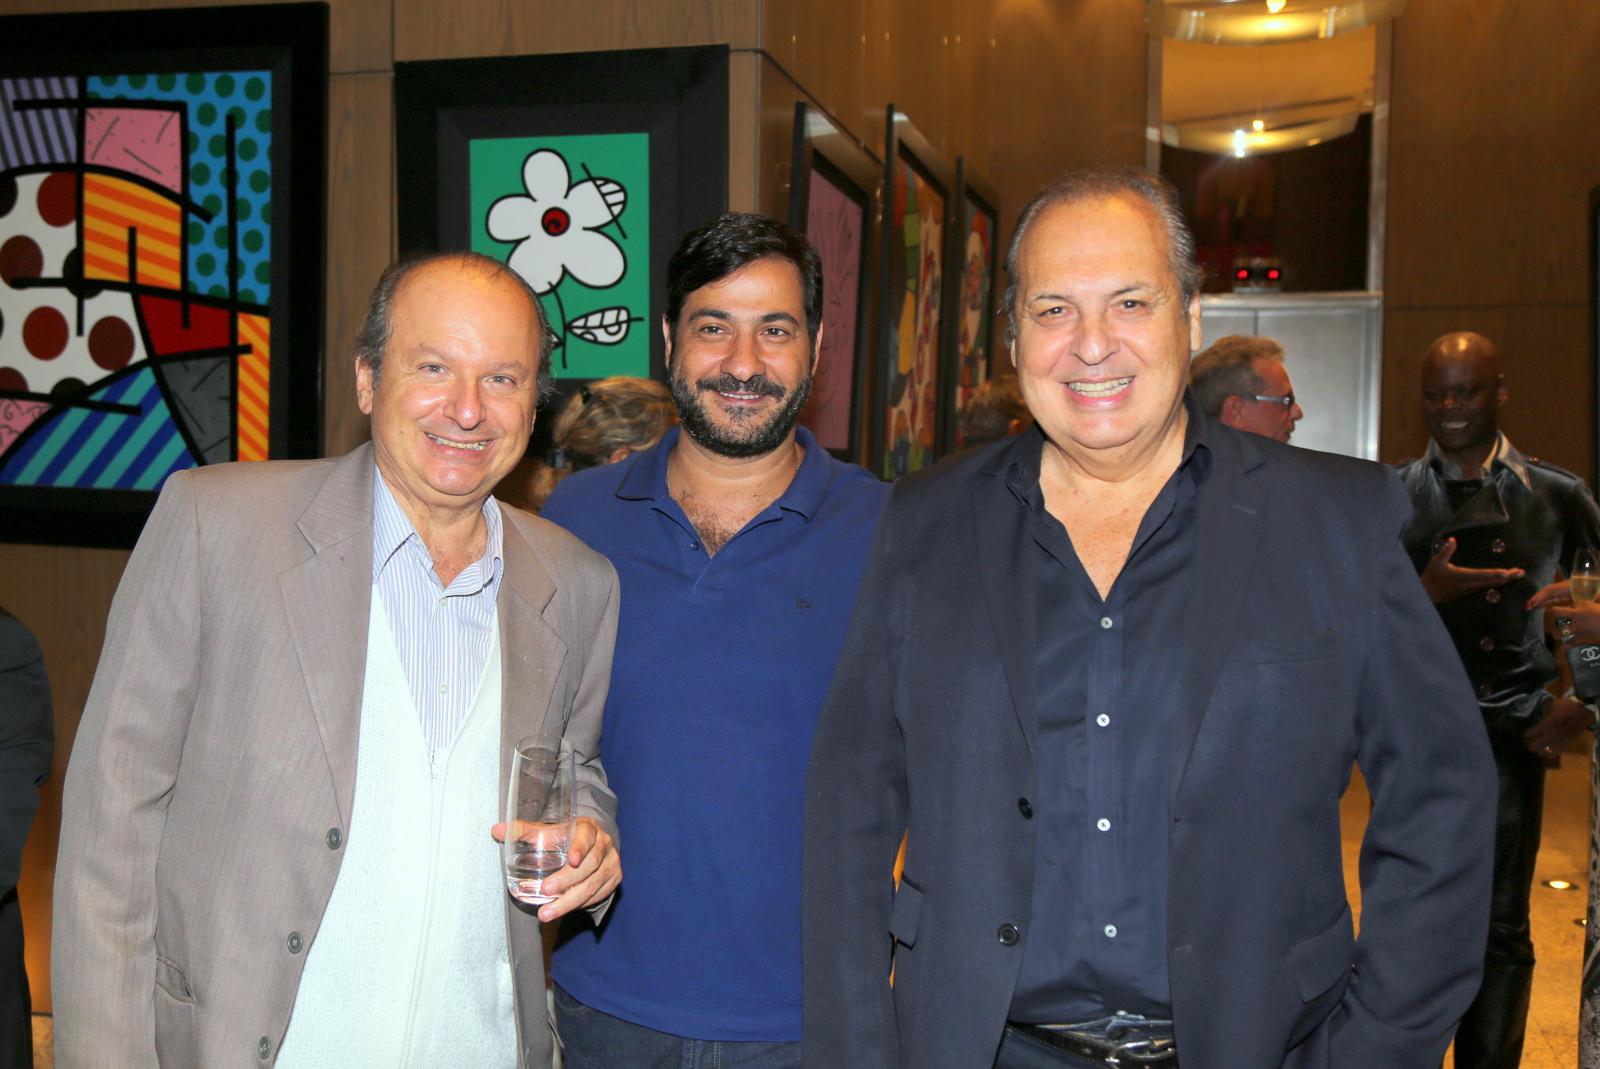 O jornalista Ovadia Saadia e o presidente do WTC, Bruno Bomeny e o empresário, Vivaldo de Andrade